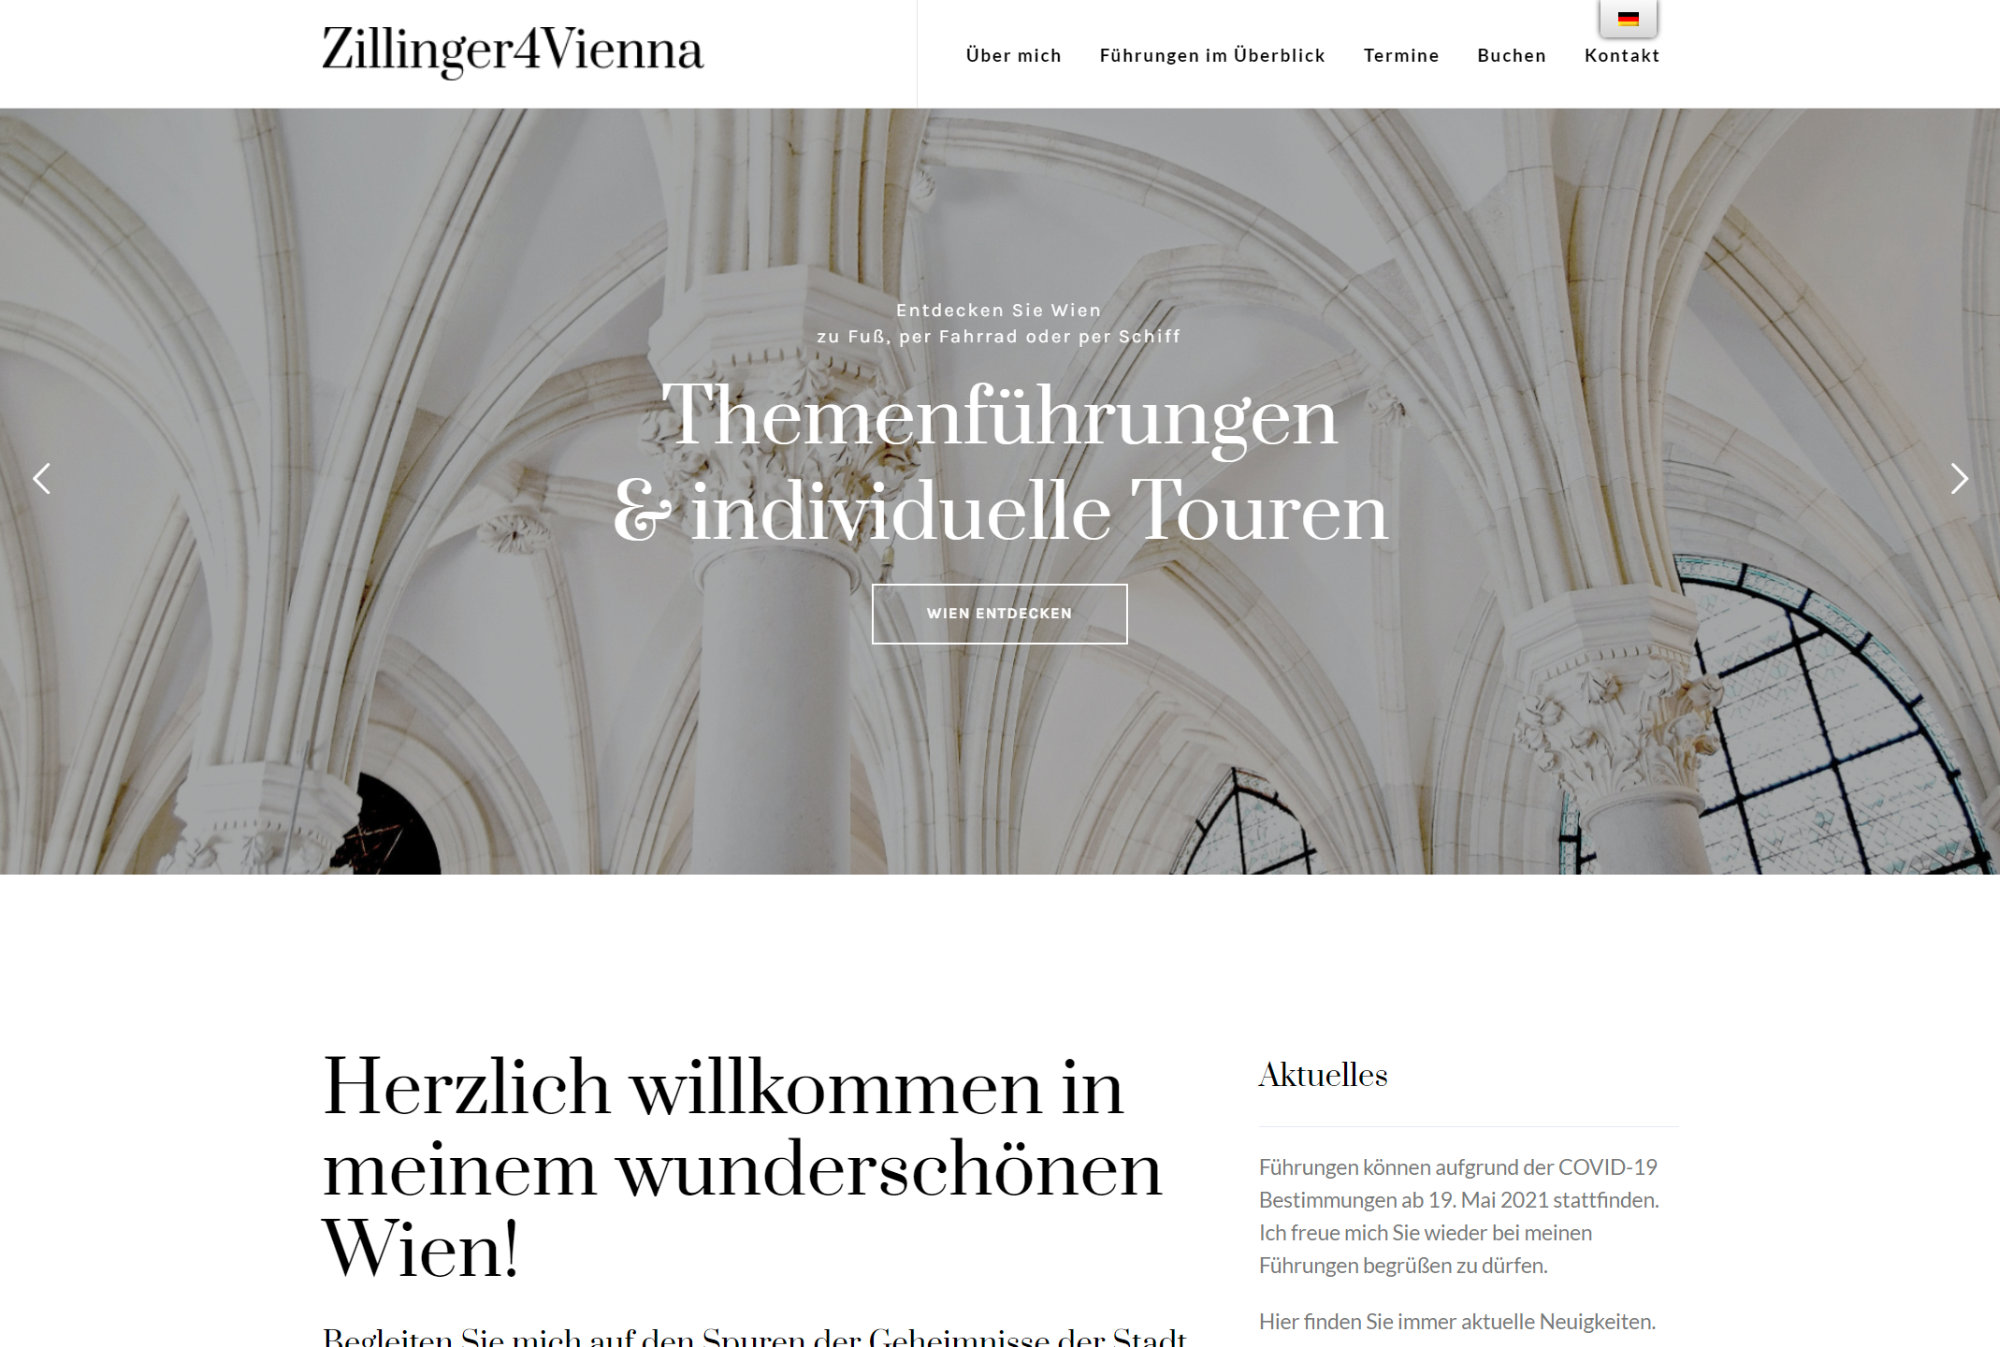 whateverworks-Zillinger4Vienna-H-2